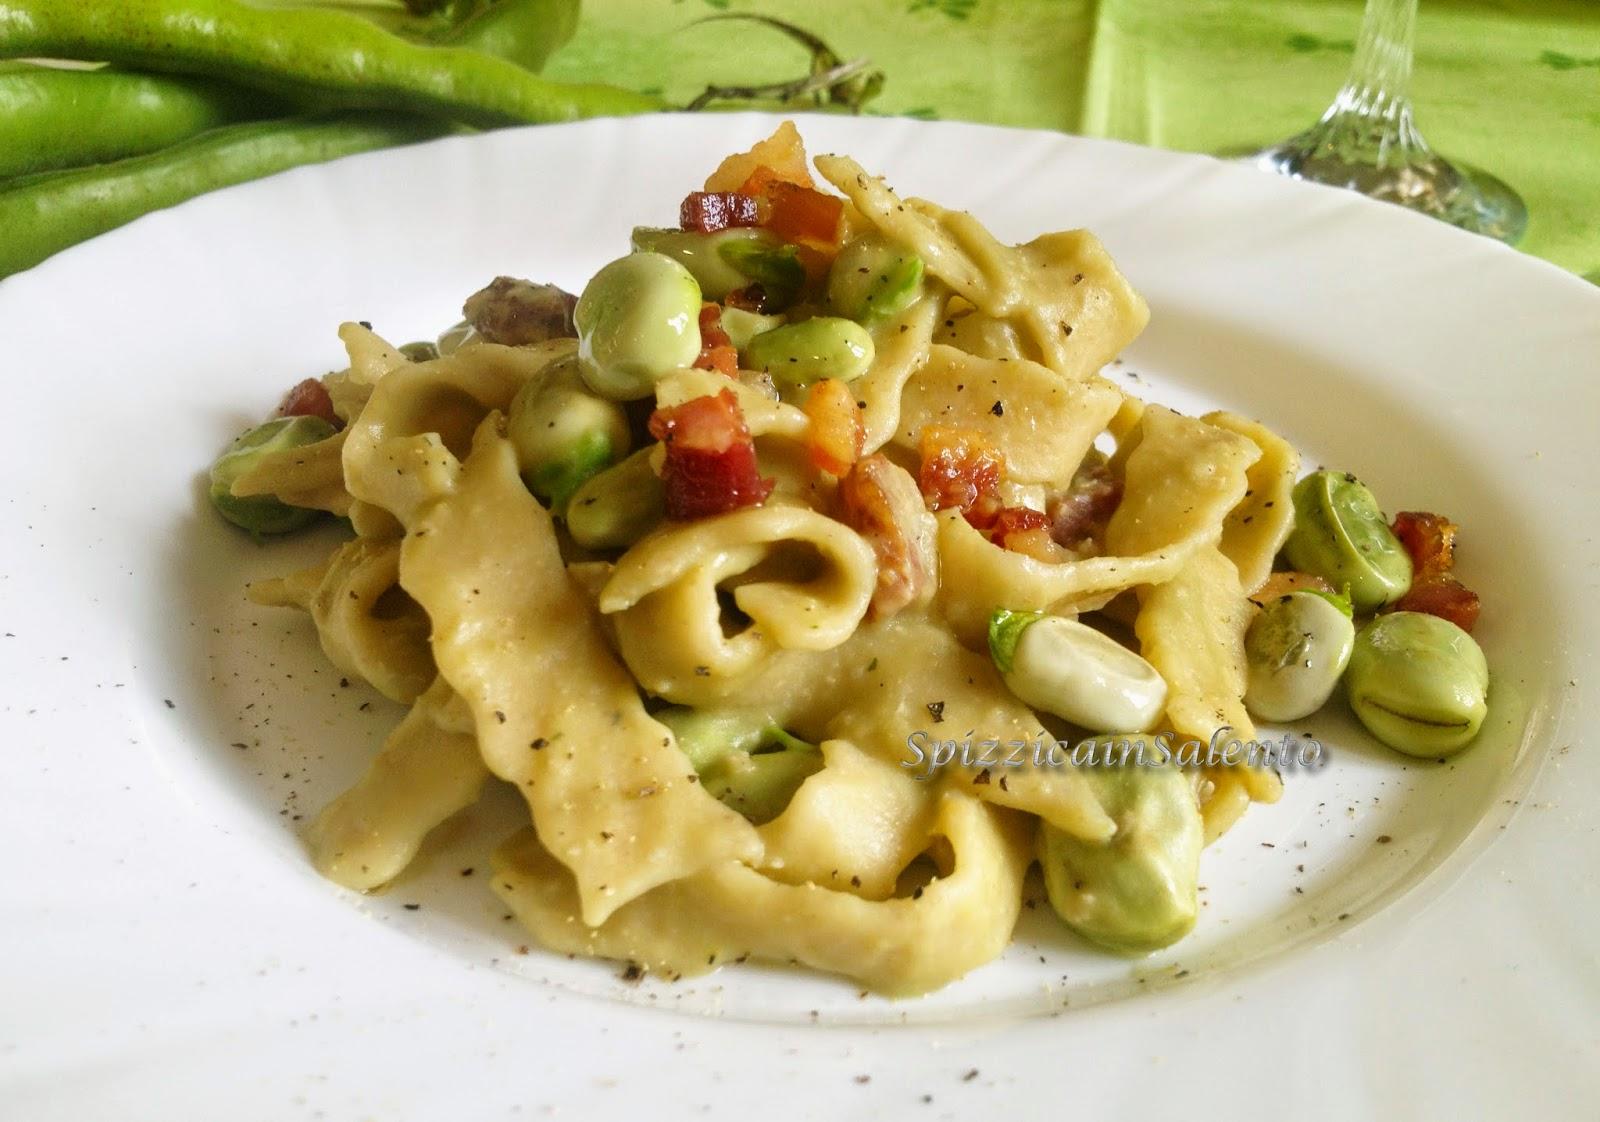 casarecce con fave fresche dell'orto & pancetta croccante